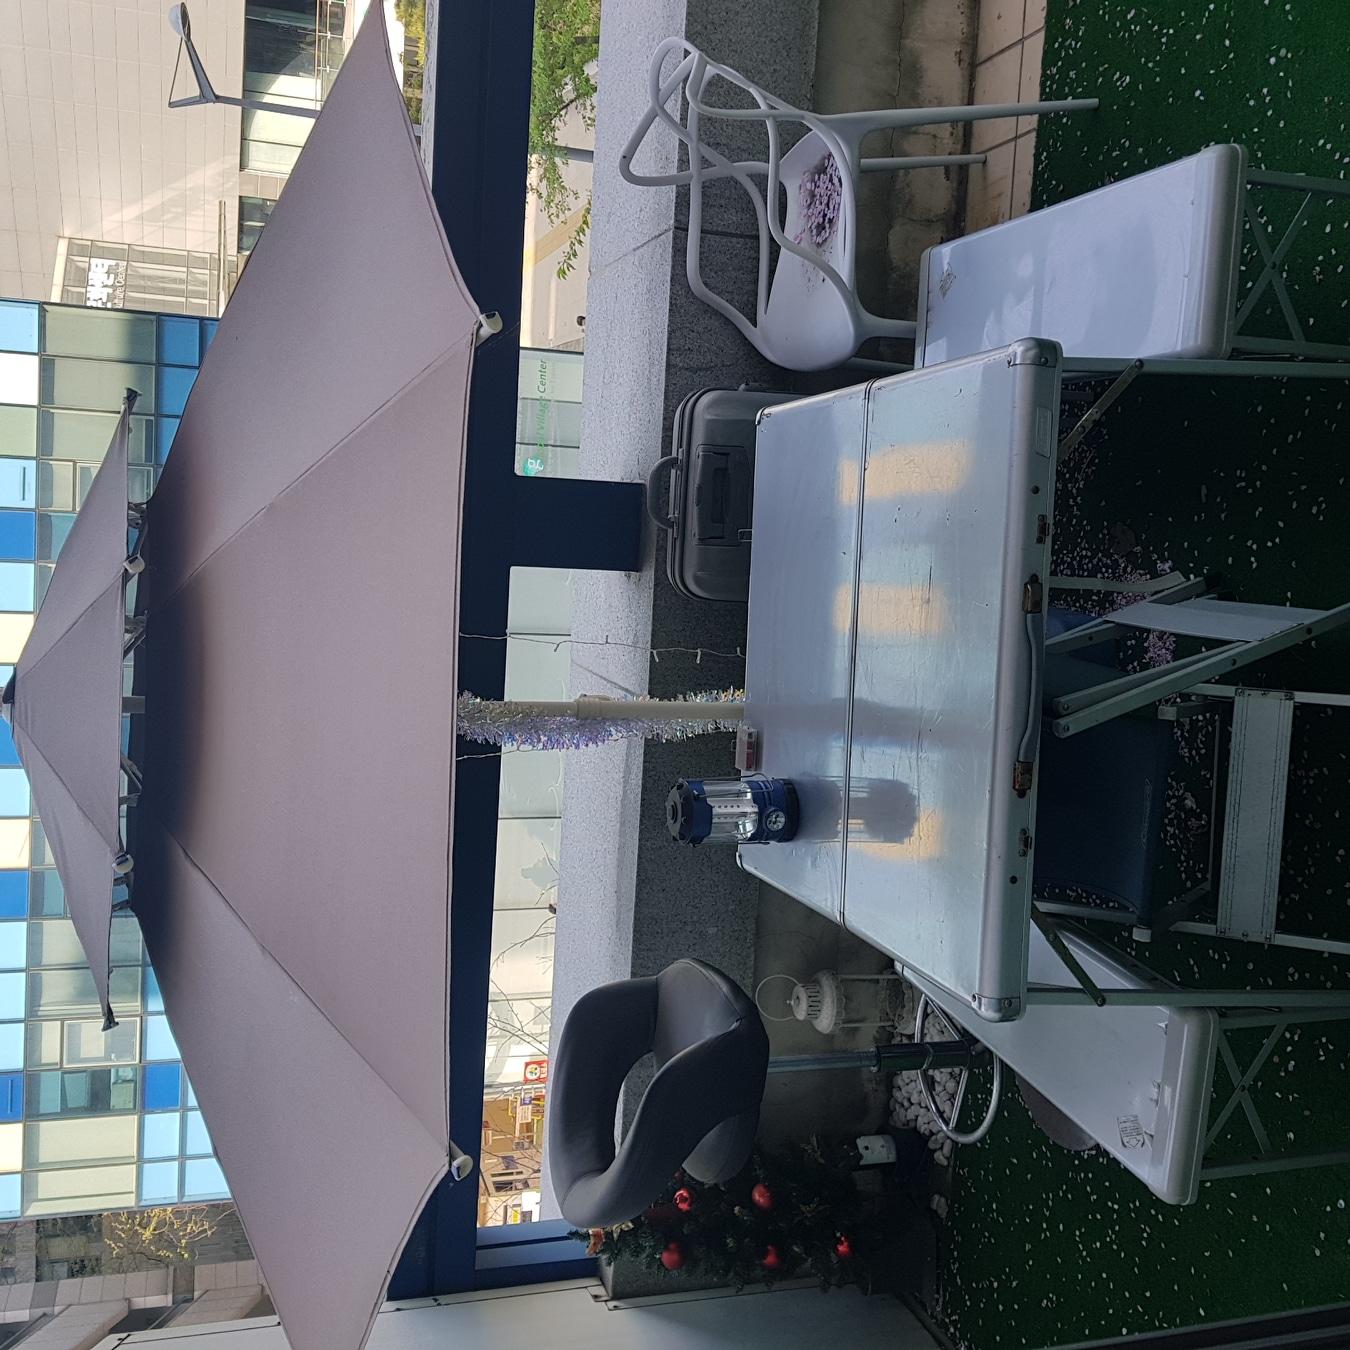 콜맨 캠핑 의자 탁자 테이블 파라솔 간이